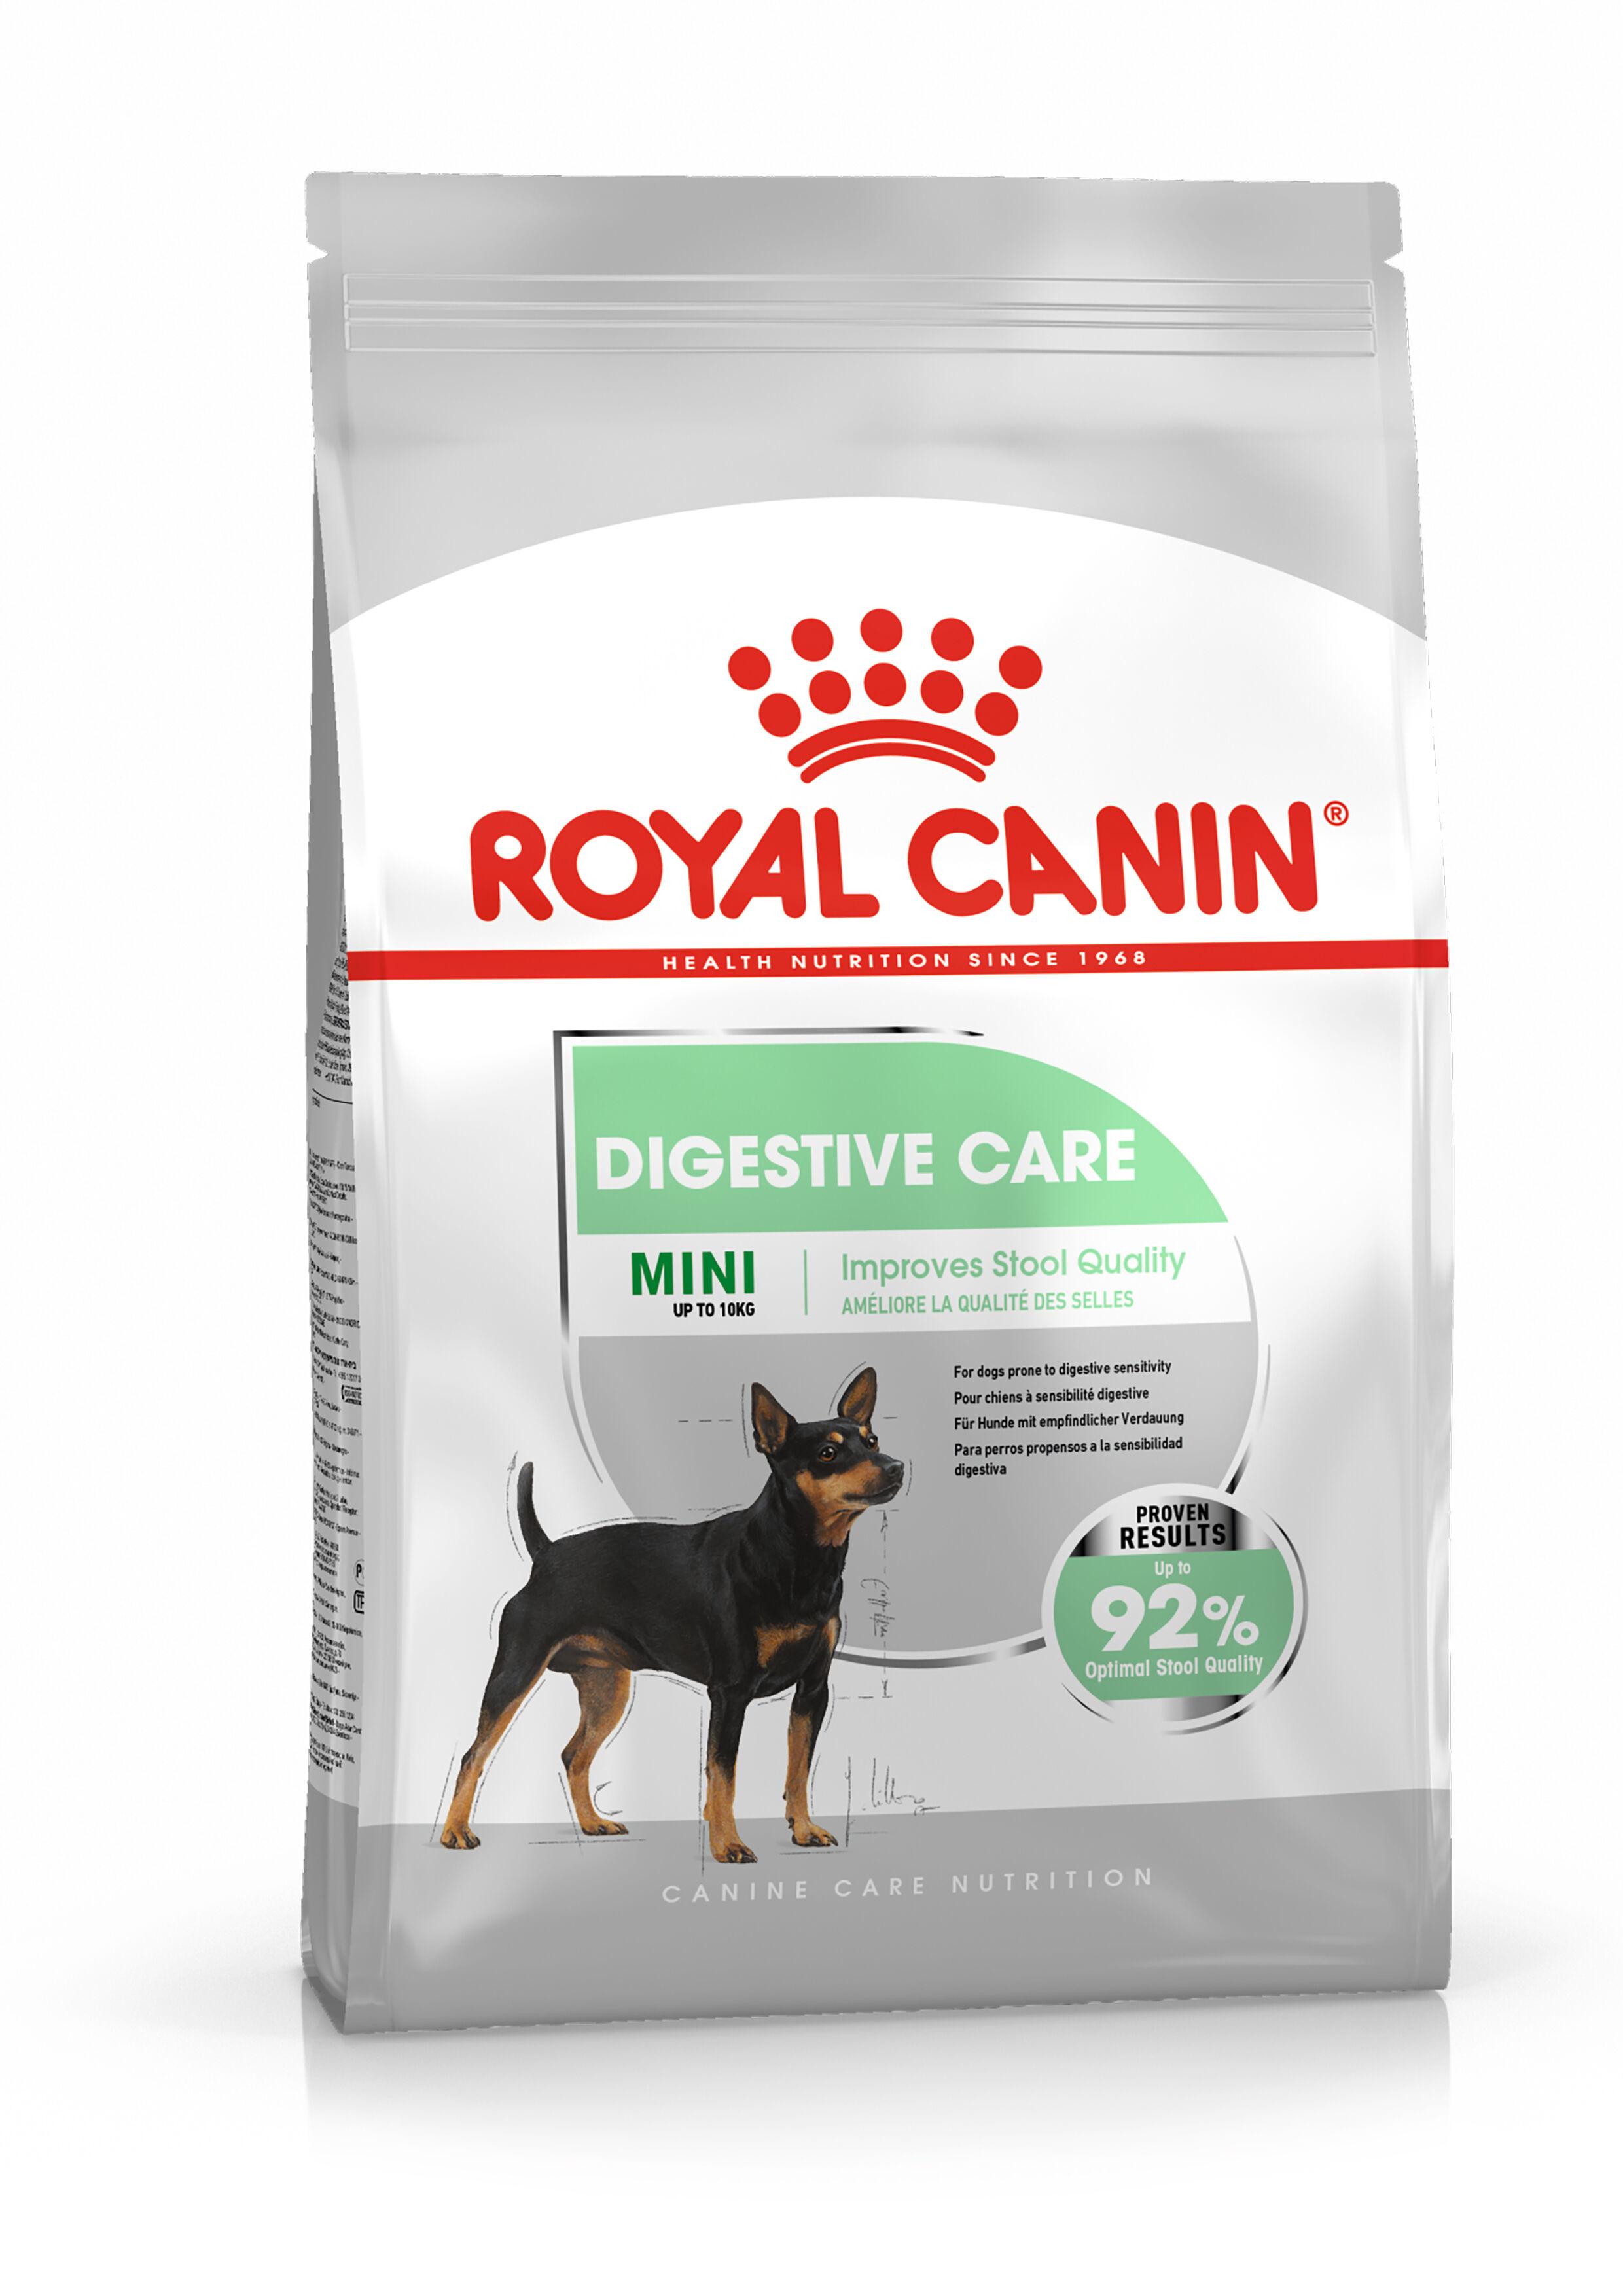 Royal Canin Mini Digestive Care pour chien 2 x 3 kg